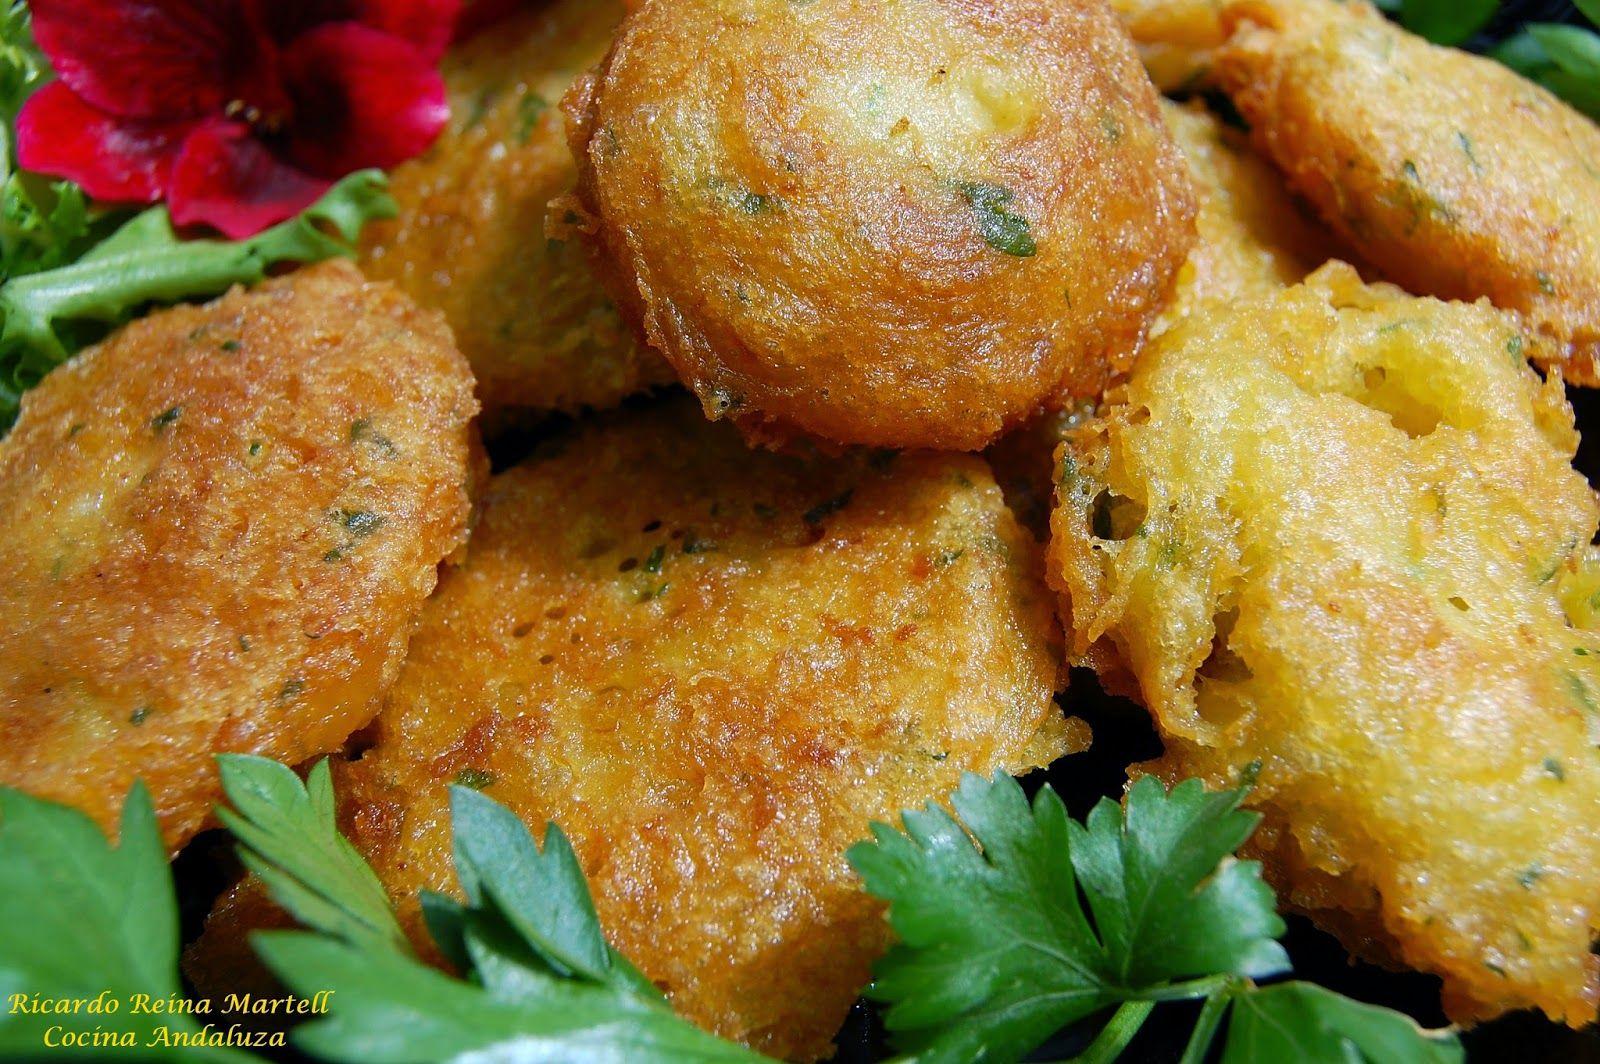 http://cocinadeandalucia.blogspot.com.es/2014/04/bunuelos-de-bacalao-trianeros-de-sevilla.html